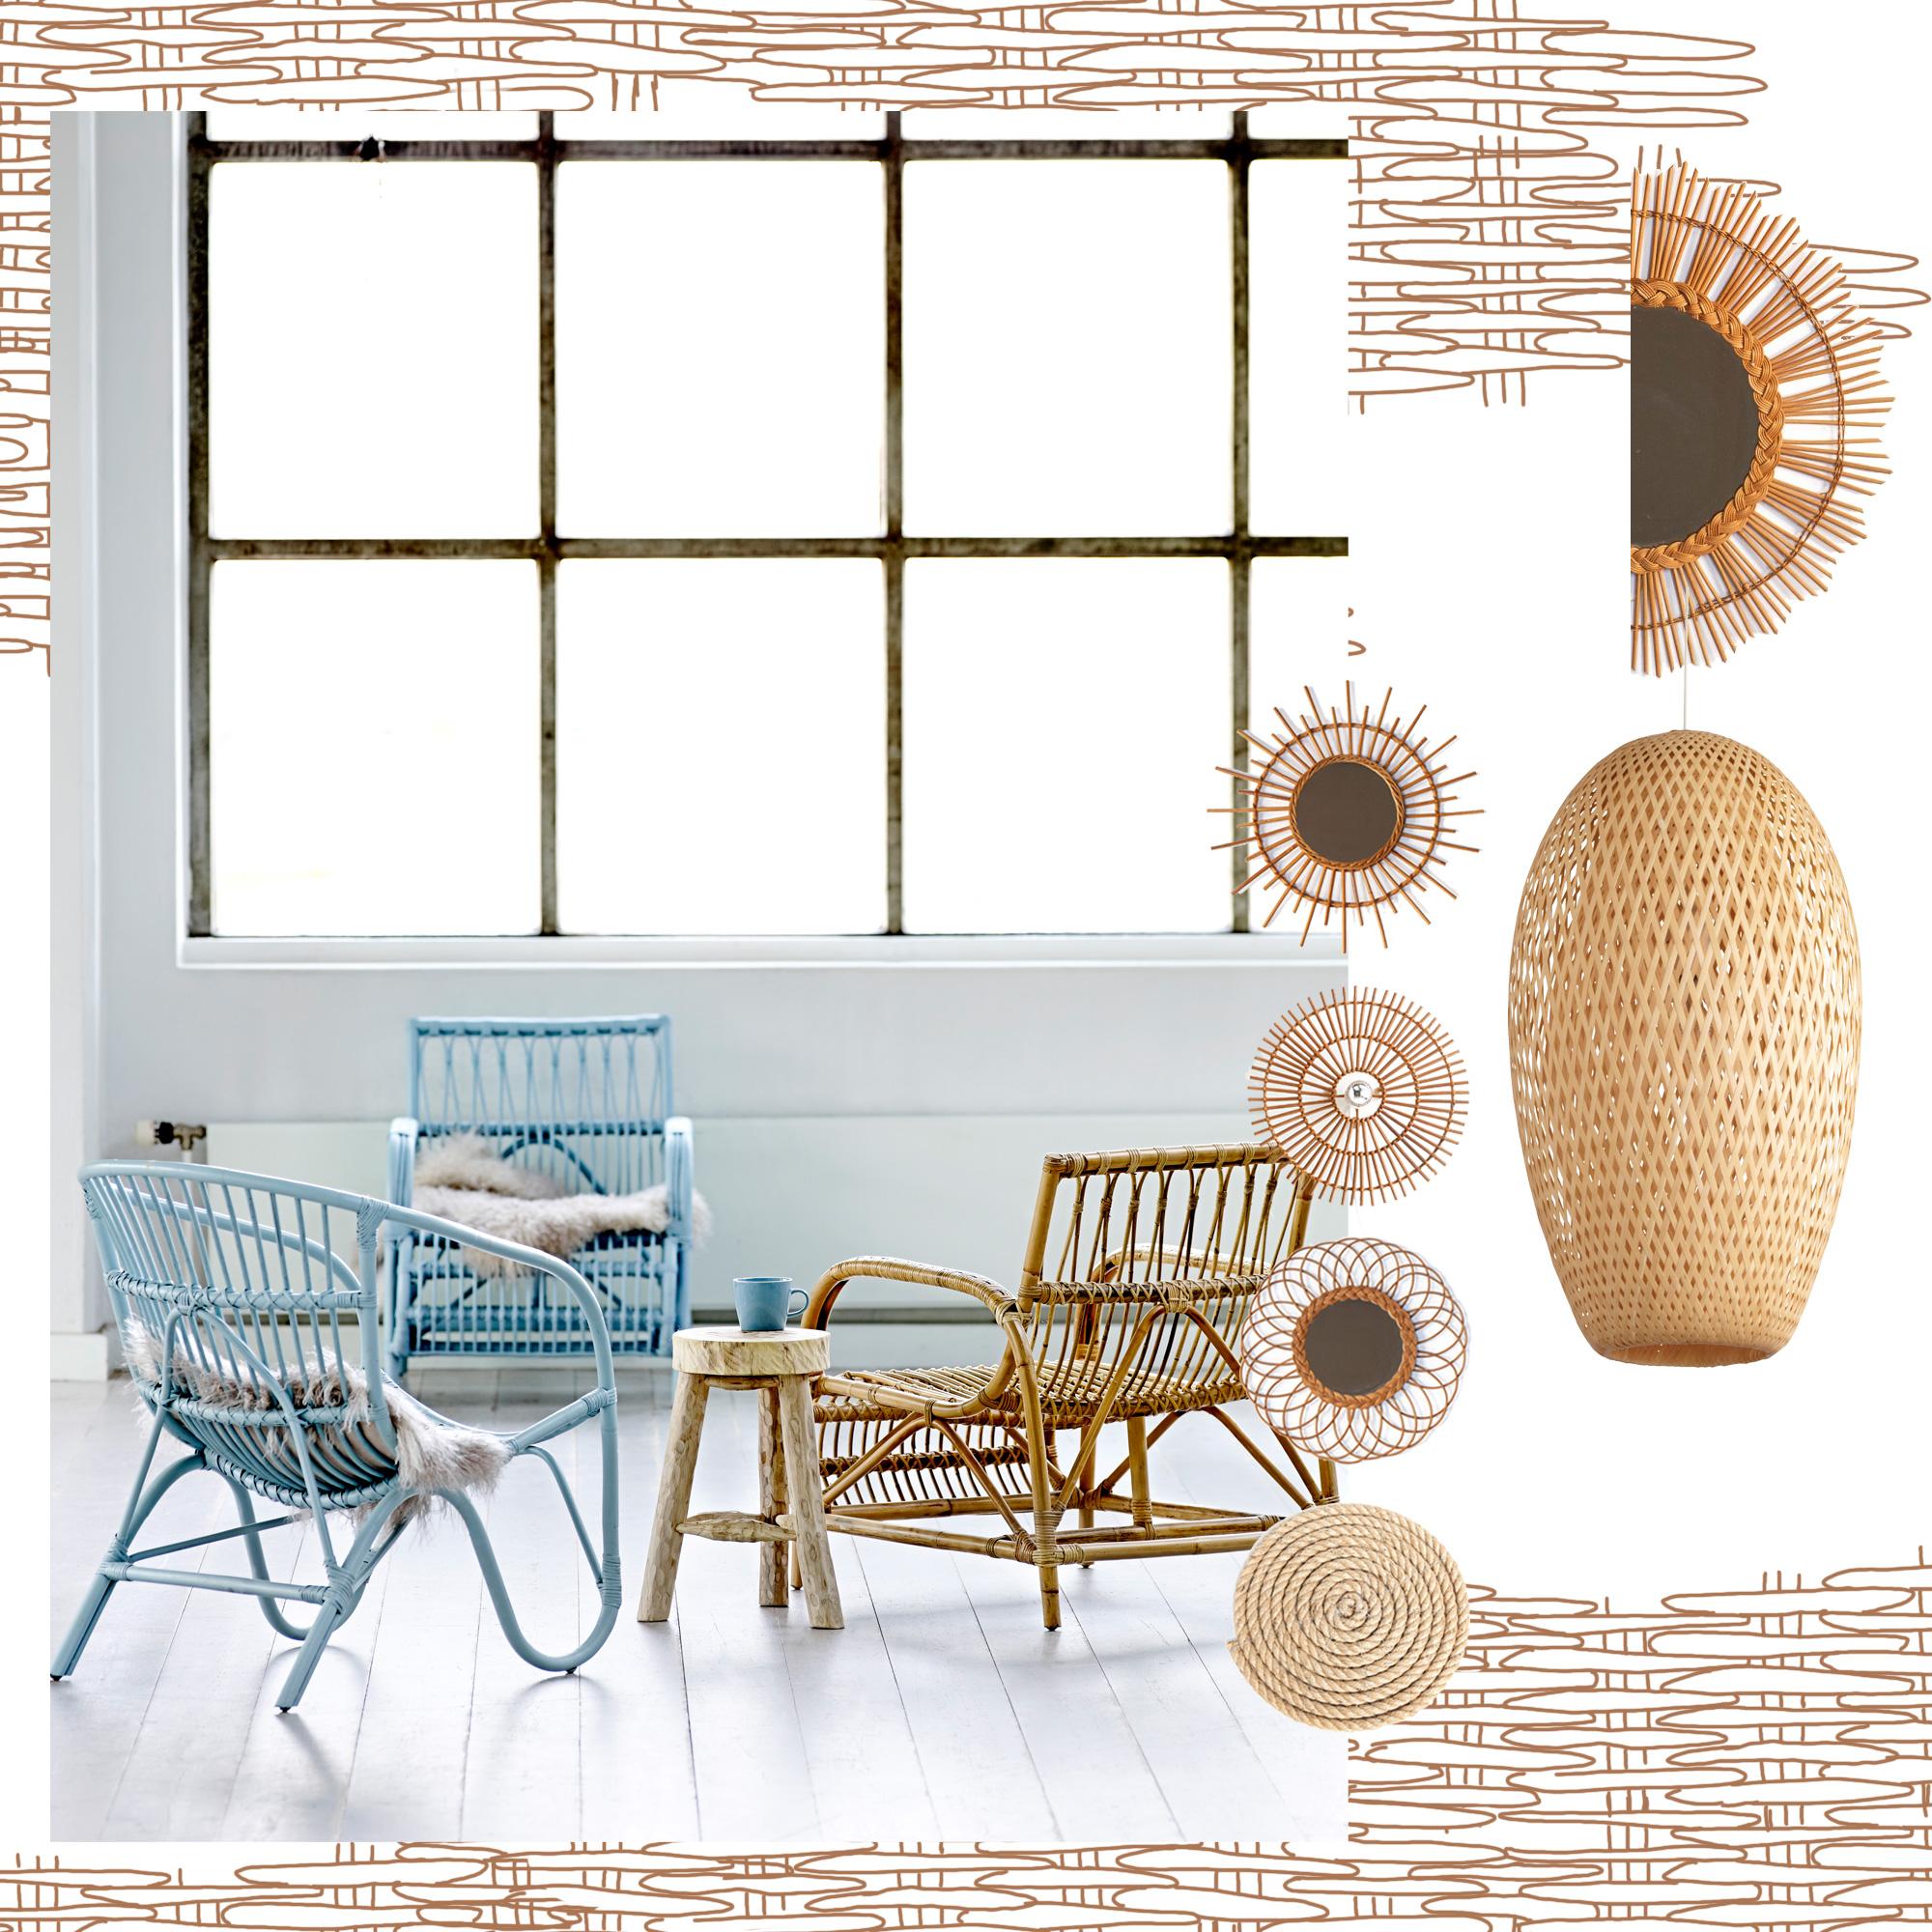 Meuble en osier nettoyer le bambou with meuble en osier for Meuble osier